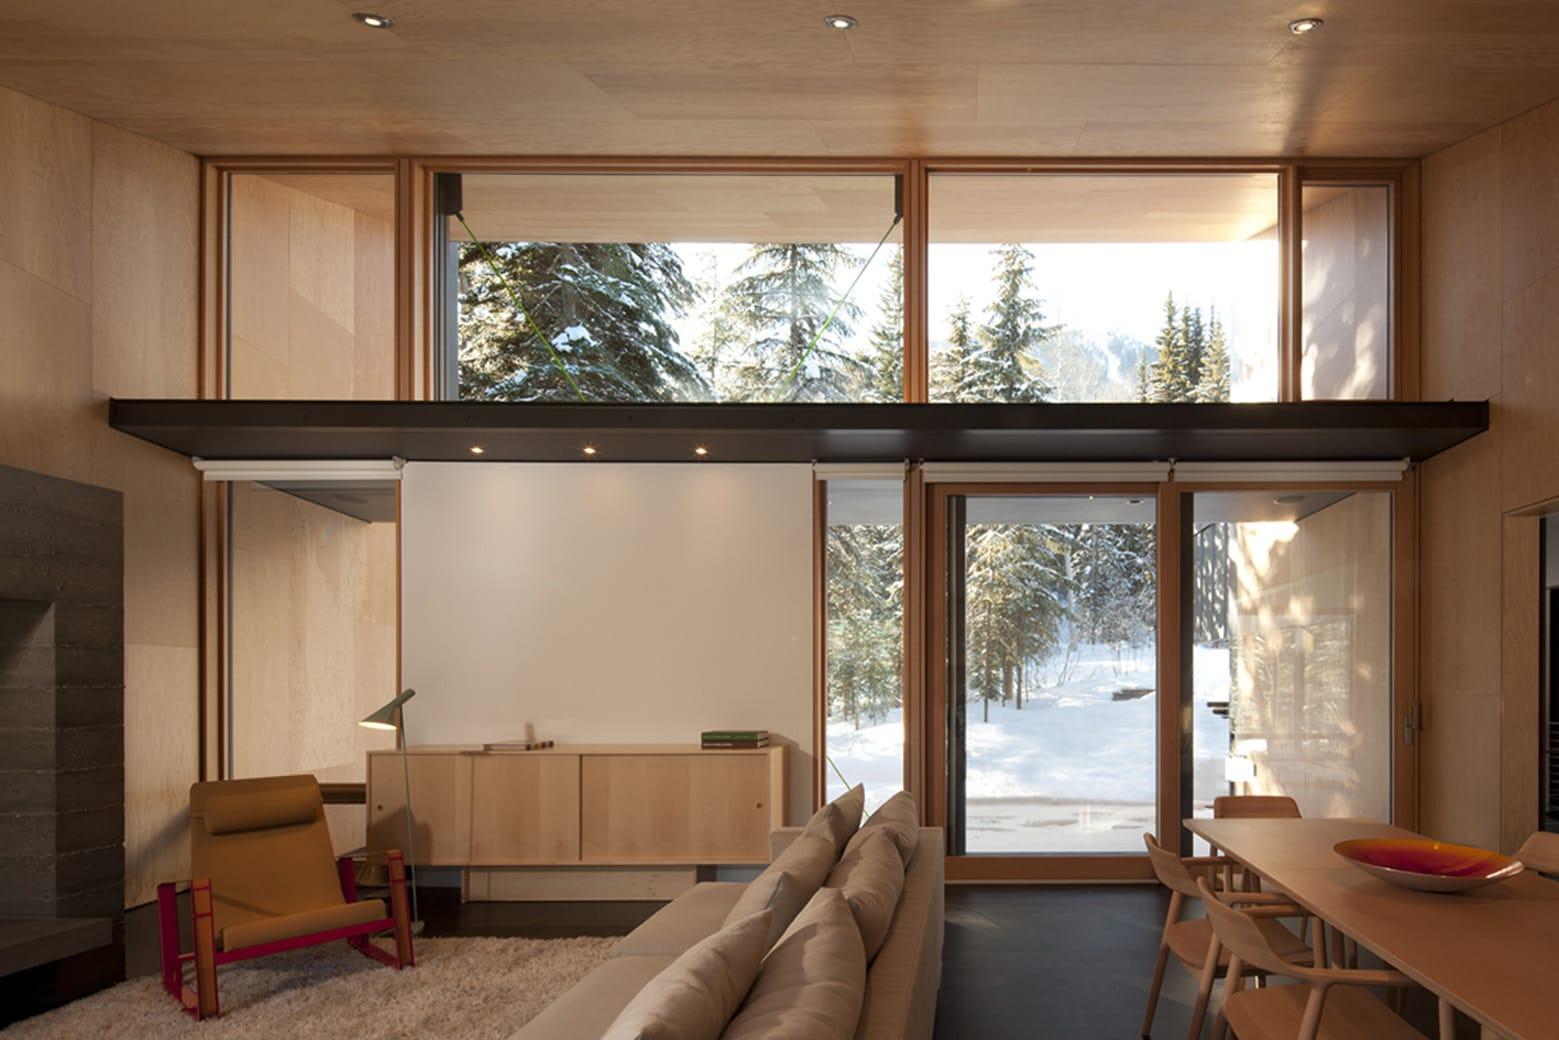 Dise o de casa dividida en dos partes planos e interiores - Disenos casas de madera ...